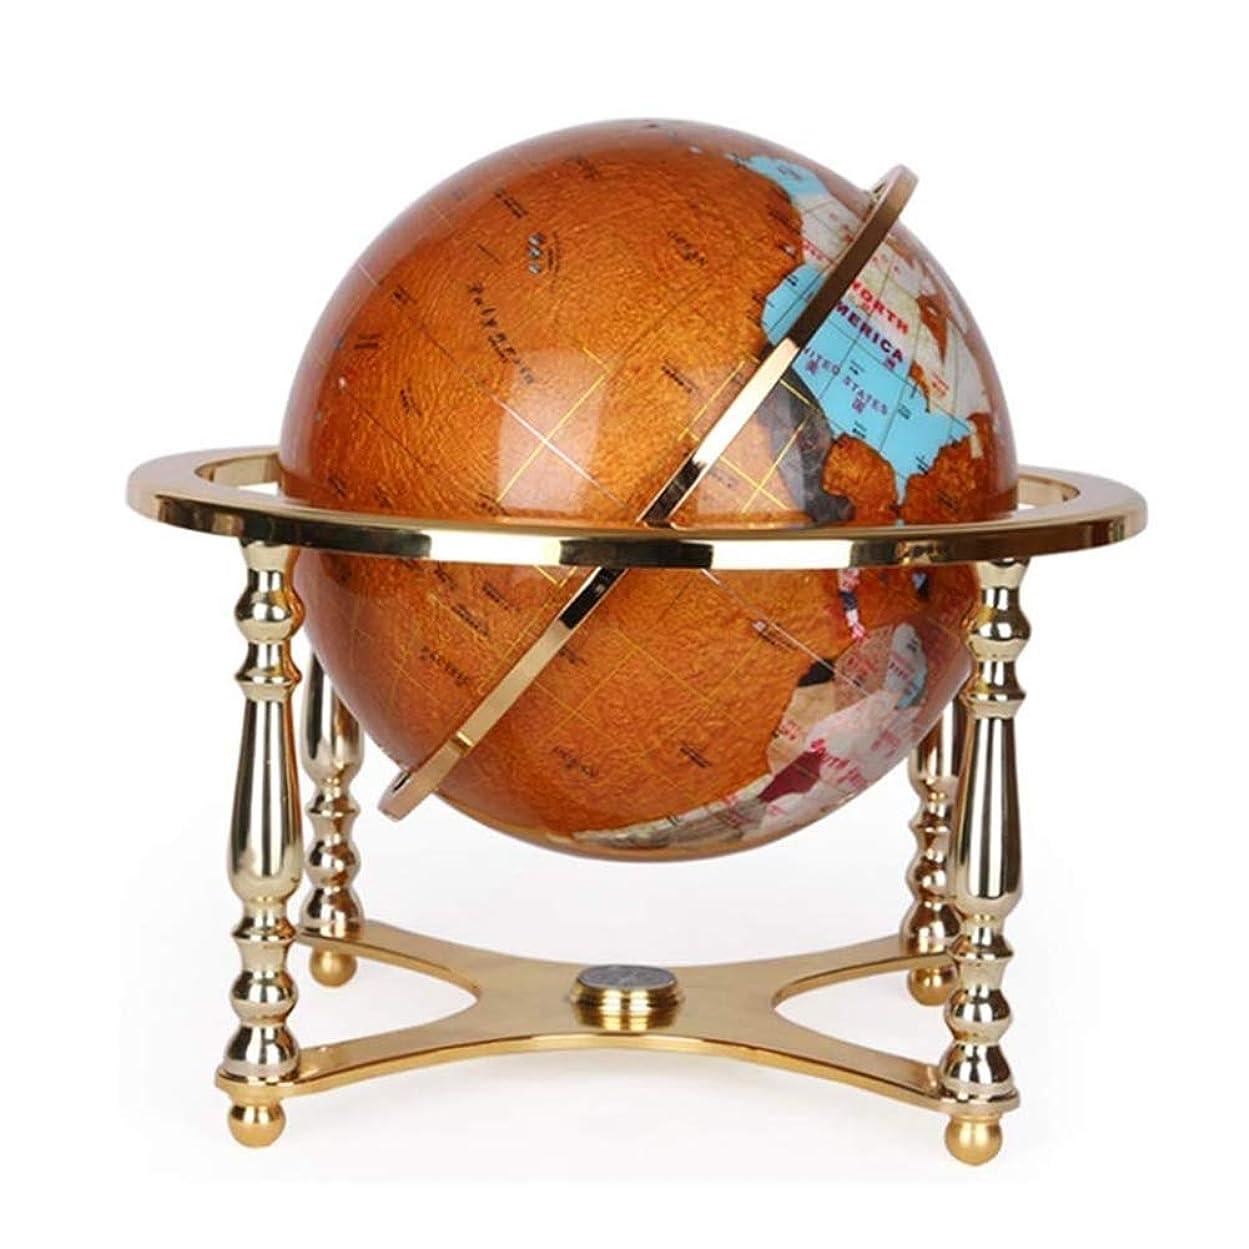 ヘルシーマイク統計球地図デスクトップアンティーク装飾世界世界ロータリー地理学グローバル合金ベース、天然石、13インチ